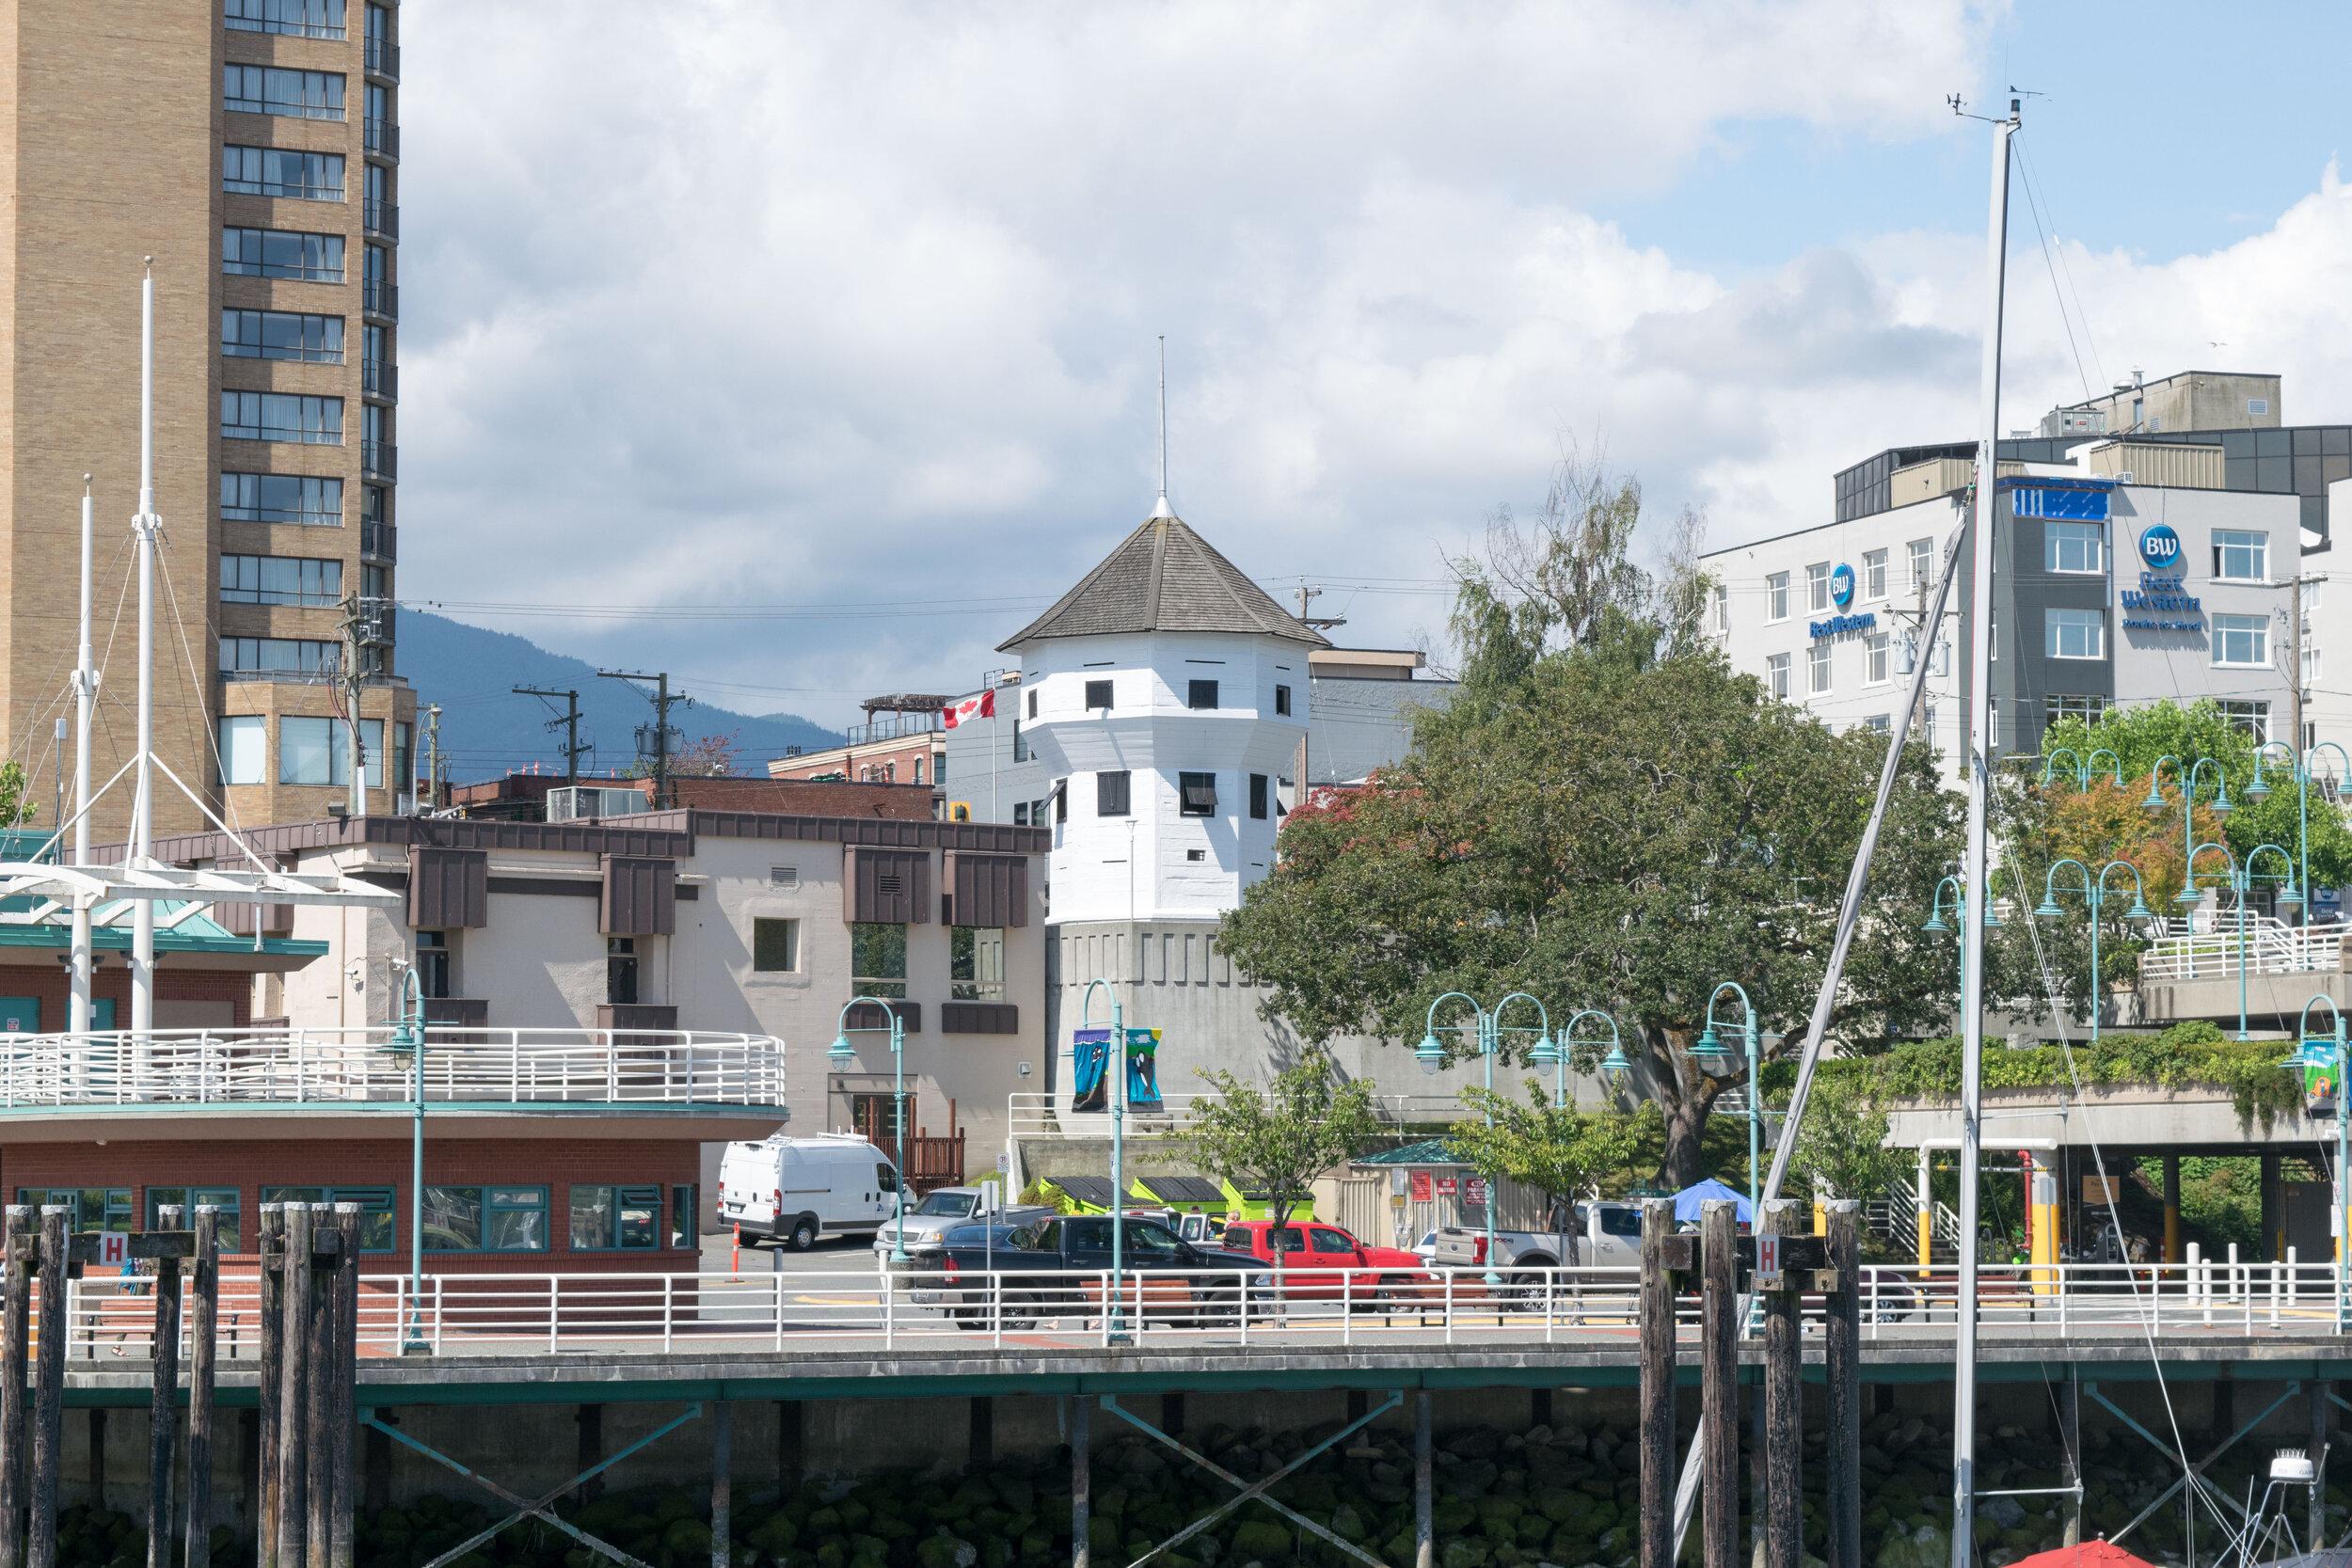 The Bastion, Nanaimo